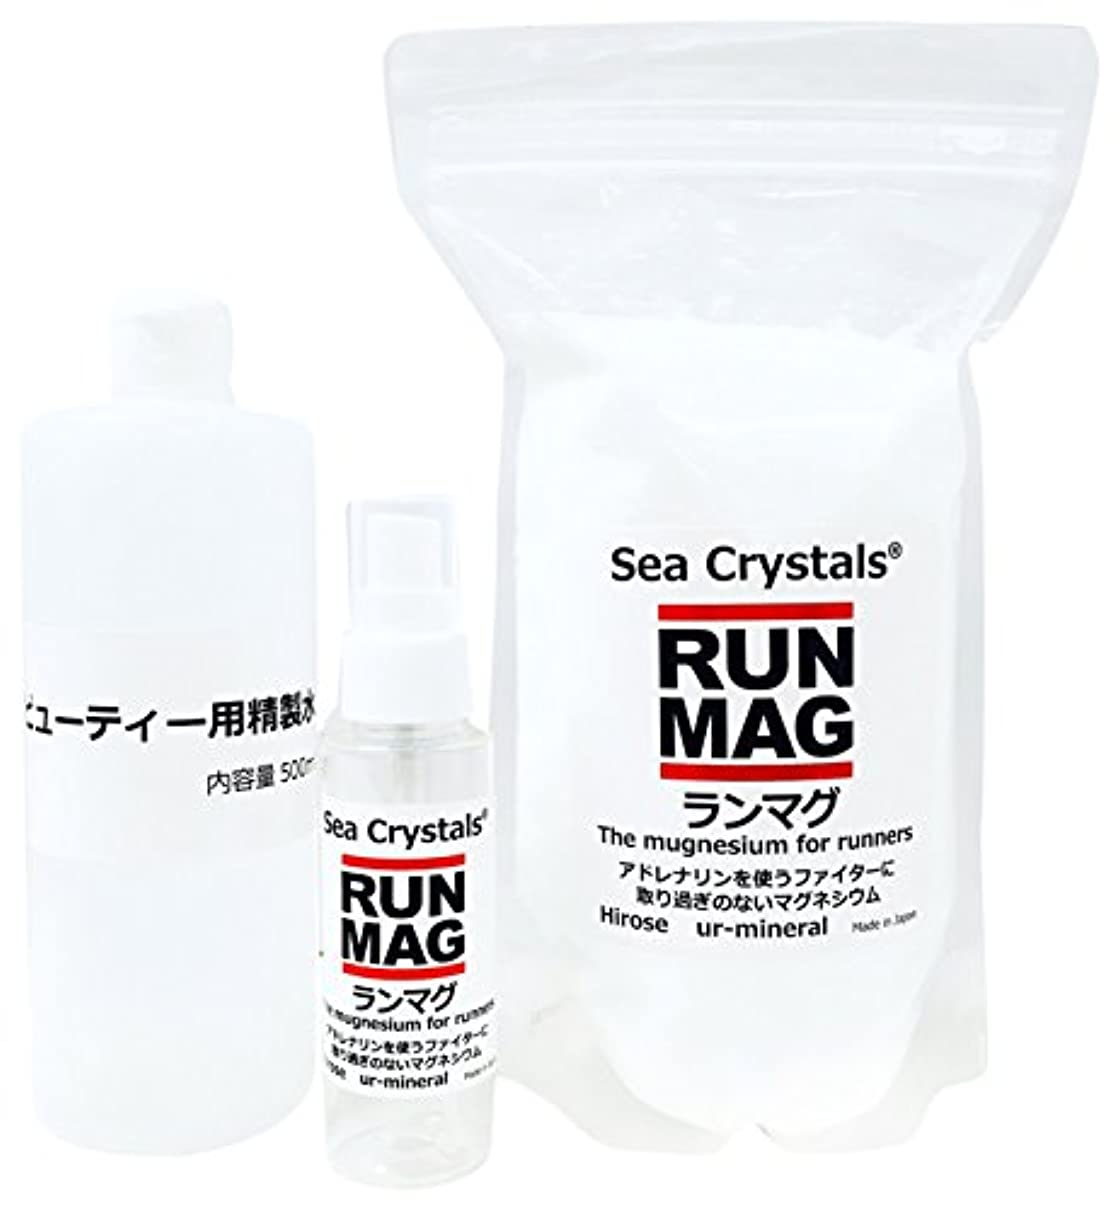 相互概して普及ランマグ?マグネシウムオイル 500g 化粧品登録 日本製 1日マグネシウム360mg使用  精製水付き